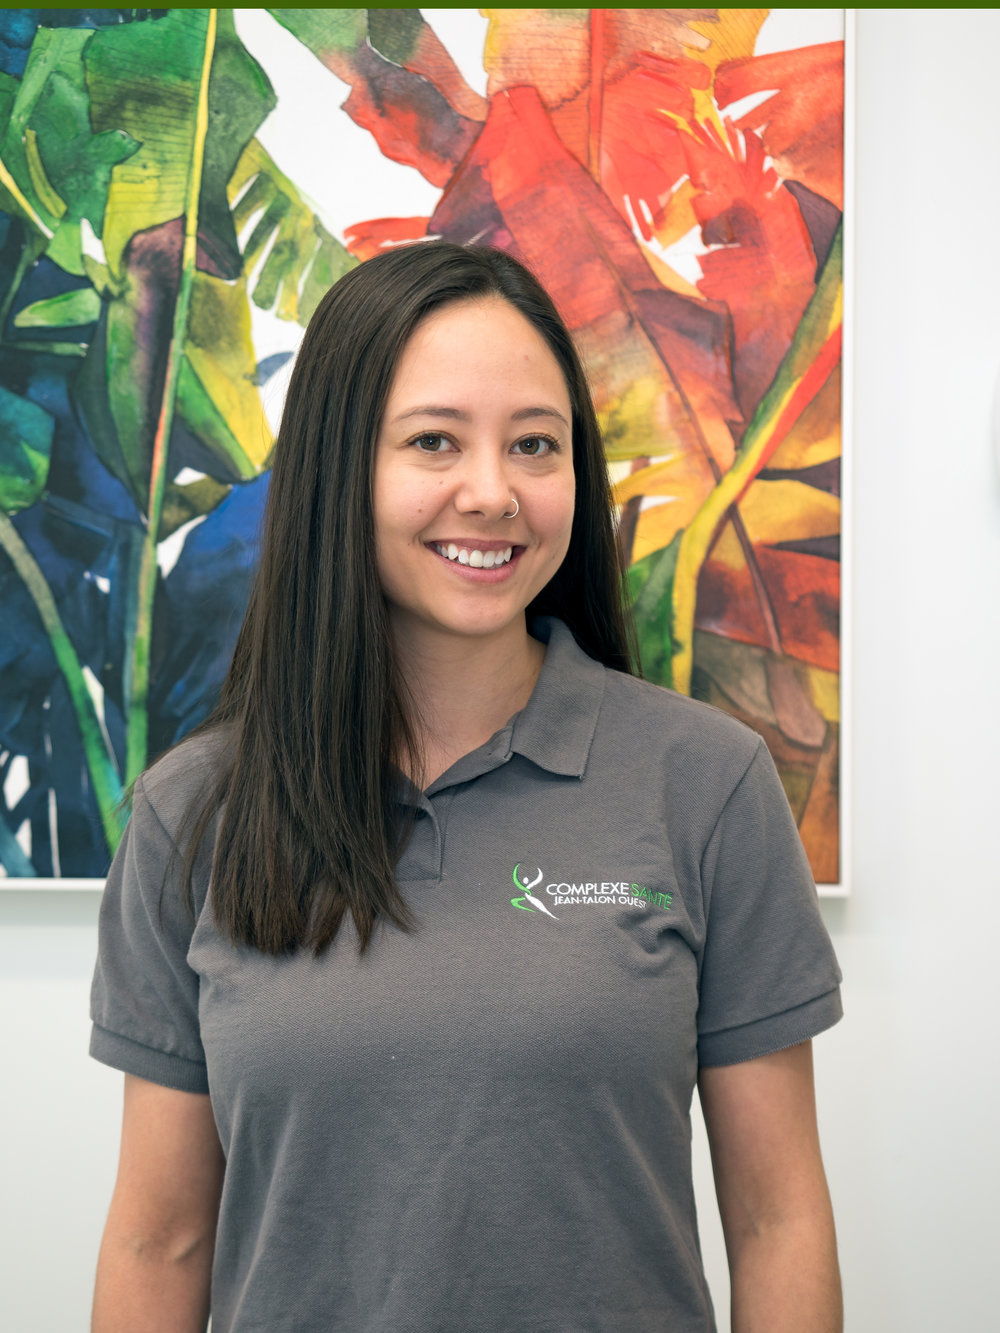 Christine Tsuyuki  Thérapeute du sport / Massothérapeute   Christine  est thérapeute du sport diplômée de l'Université Concordia avec un baccalauréat en sciences, spécialisation en sciences de l'exercice: thérapie athlétique depuis 2014. Plus tard cette année, elle est devenue une thérapeute athlétique certifiée CAT (C).  Elle fait également sa certification de Massage Suédois Kinétique chez Kiné-Concept pour devenir massothérapeute.  Elle a travaillé comme superviseur clinique et assistante thérapeute pour l'équipe de football et de hockey de McGill. Elle a également de l'expérience en tant qu'entraîneur personnel et a été impliquée dans le sport dès son plus jeune âge.